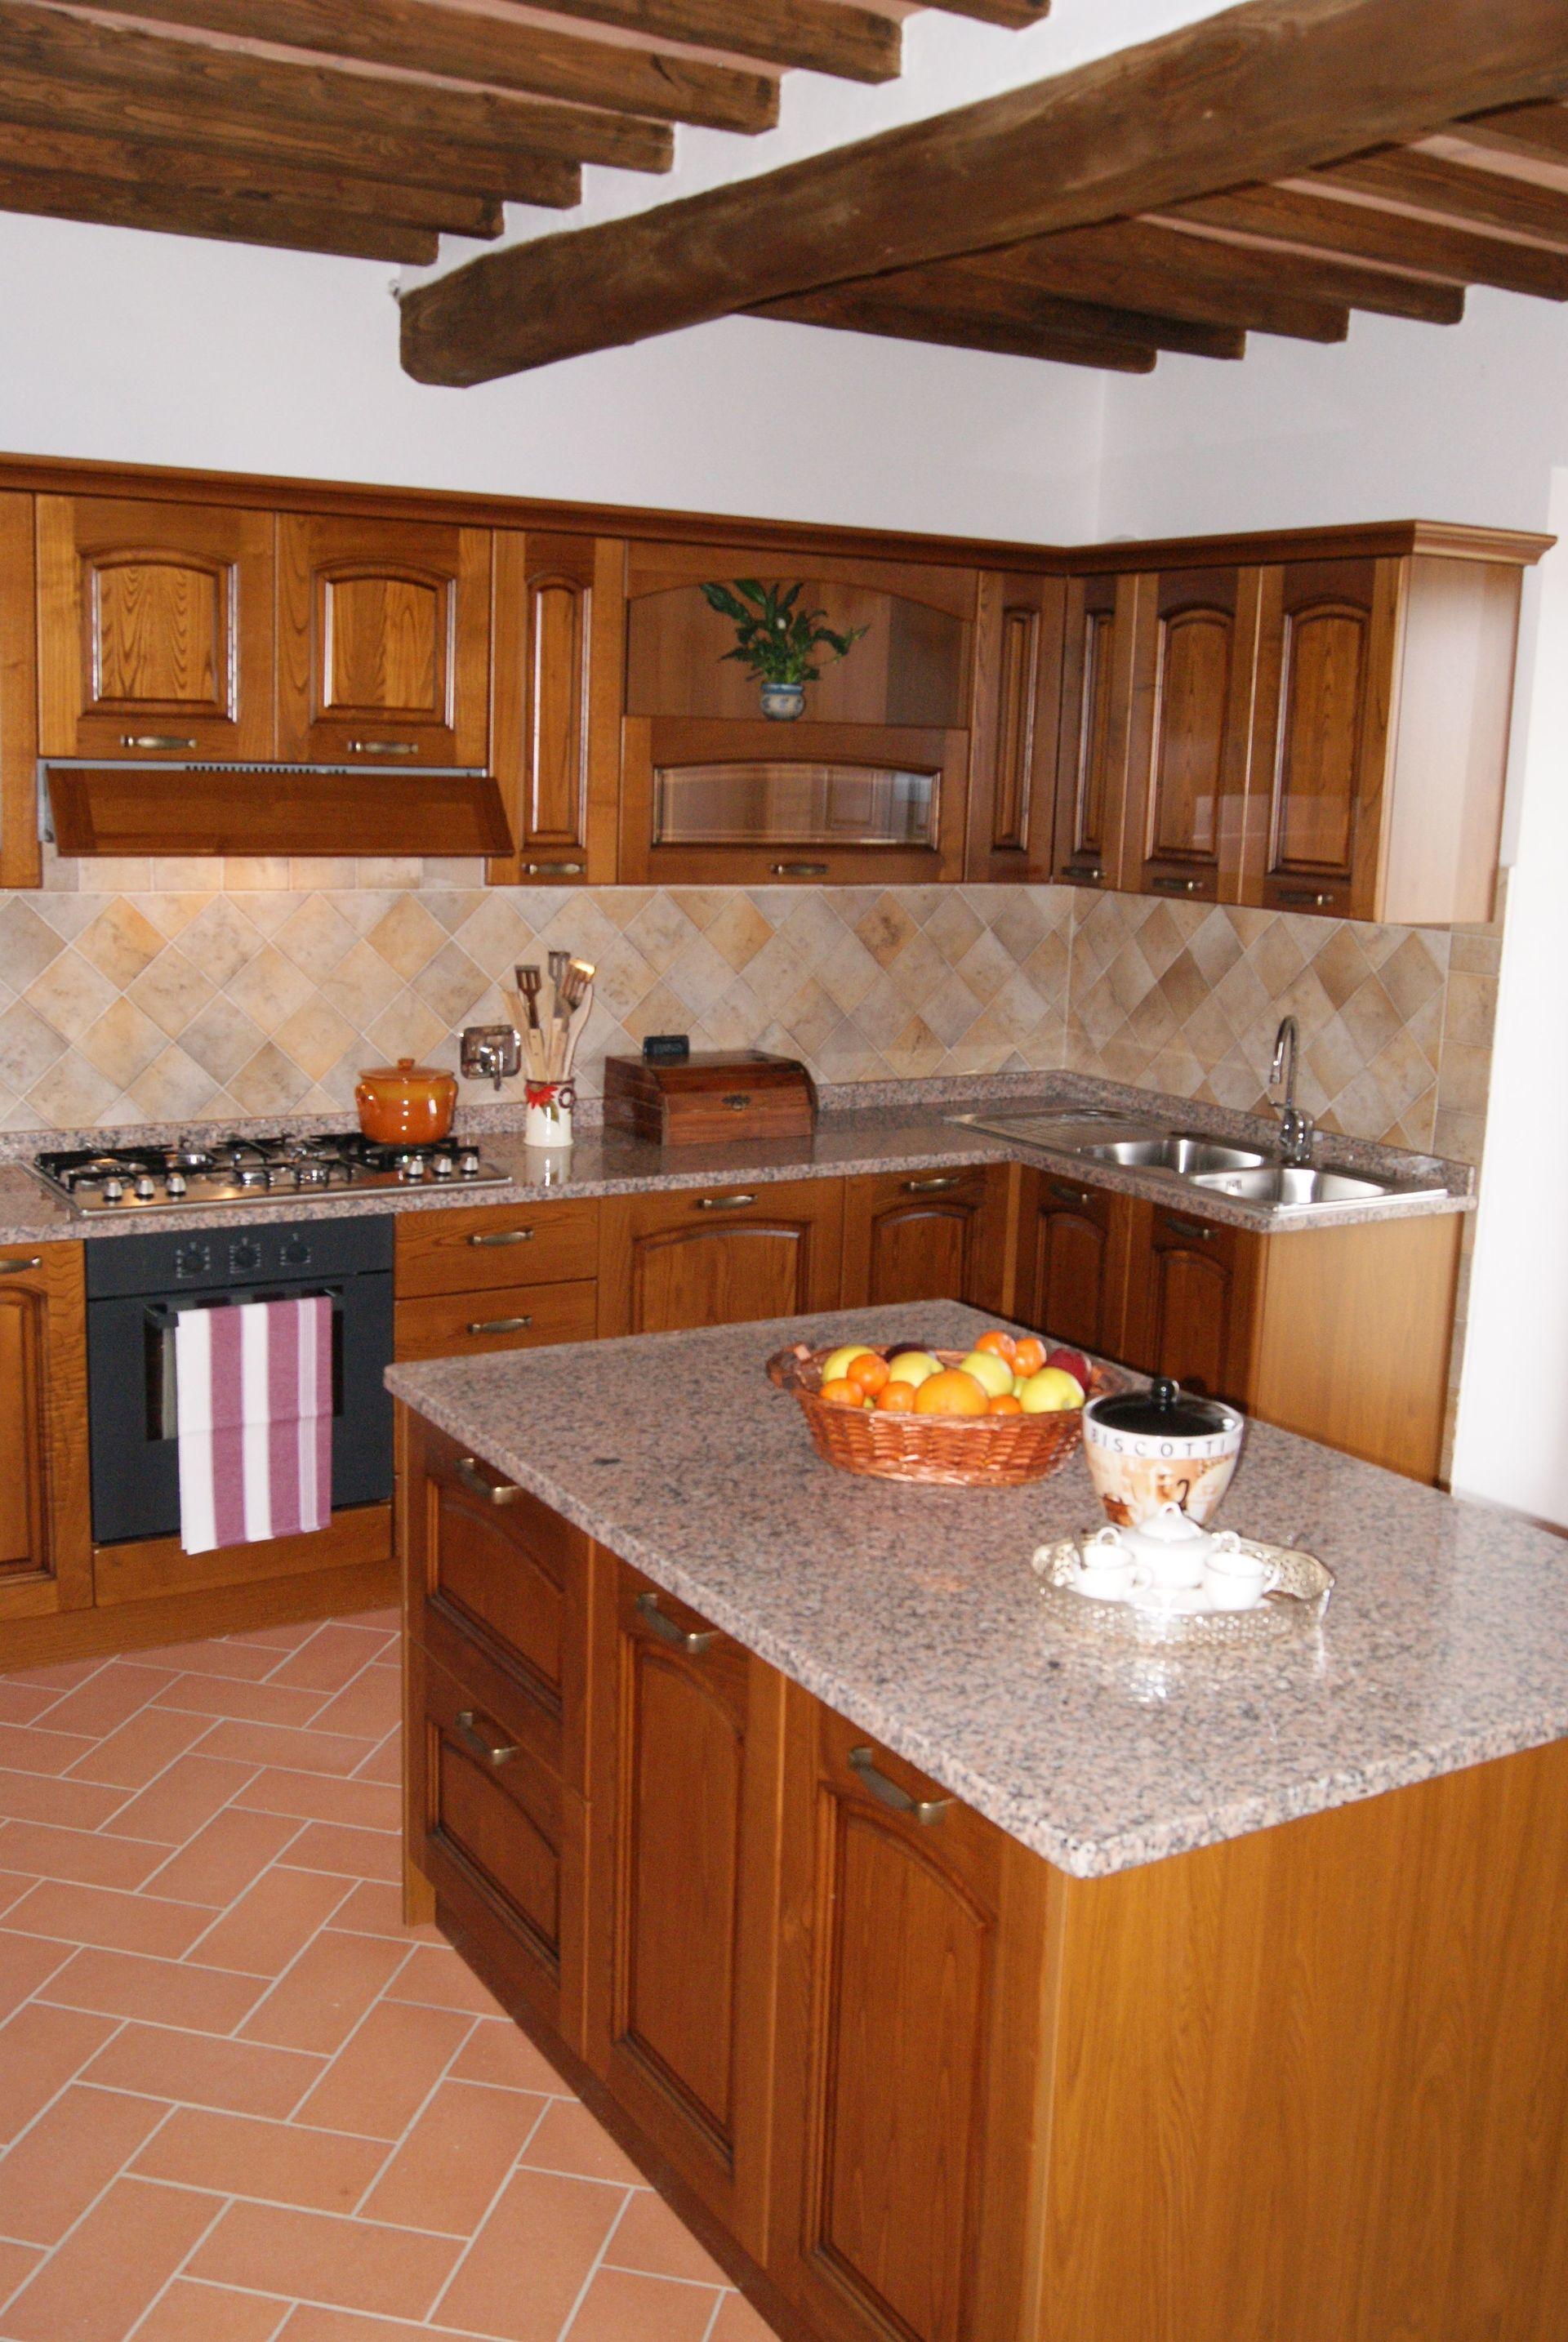 La capanna leopoldina casa vacanze con 10 posti letto in for Capanna con 4 camere da letto